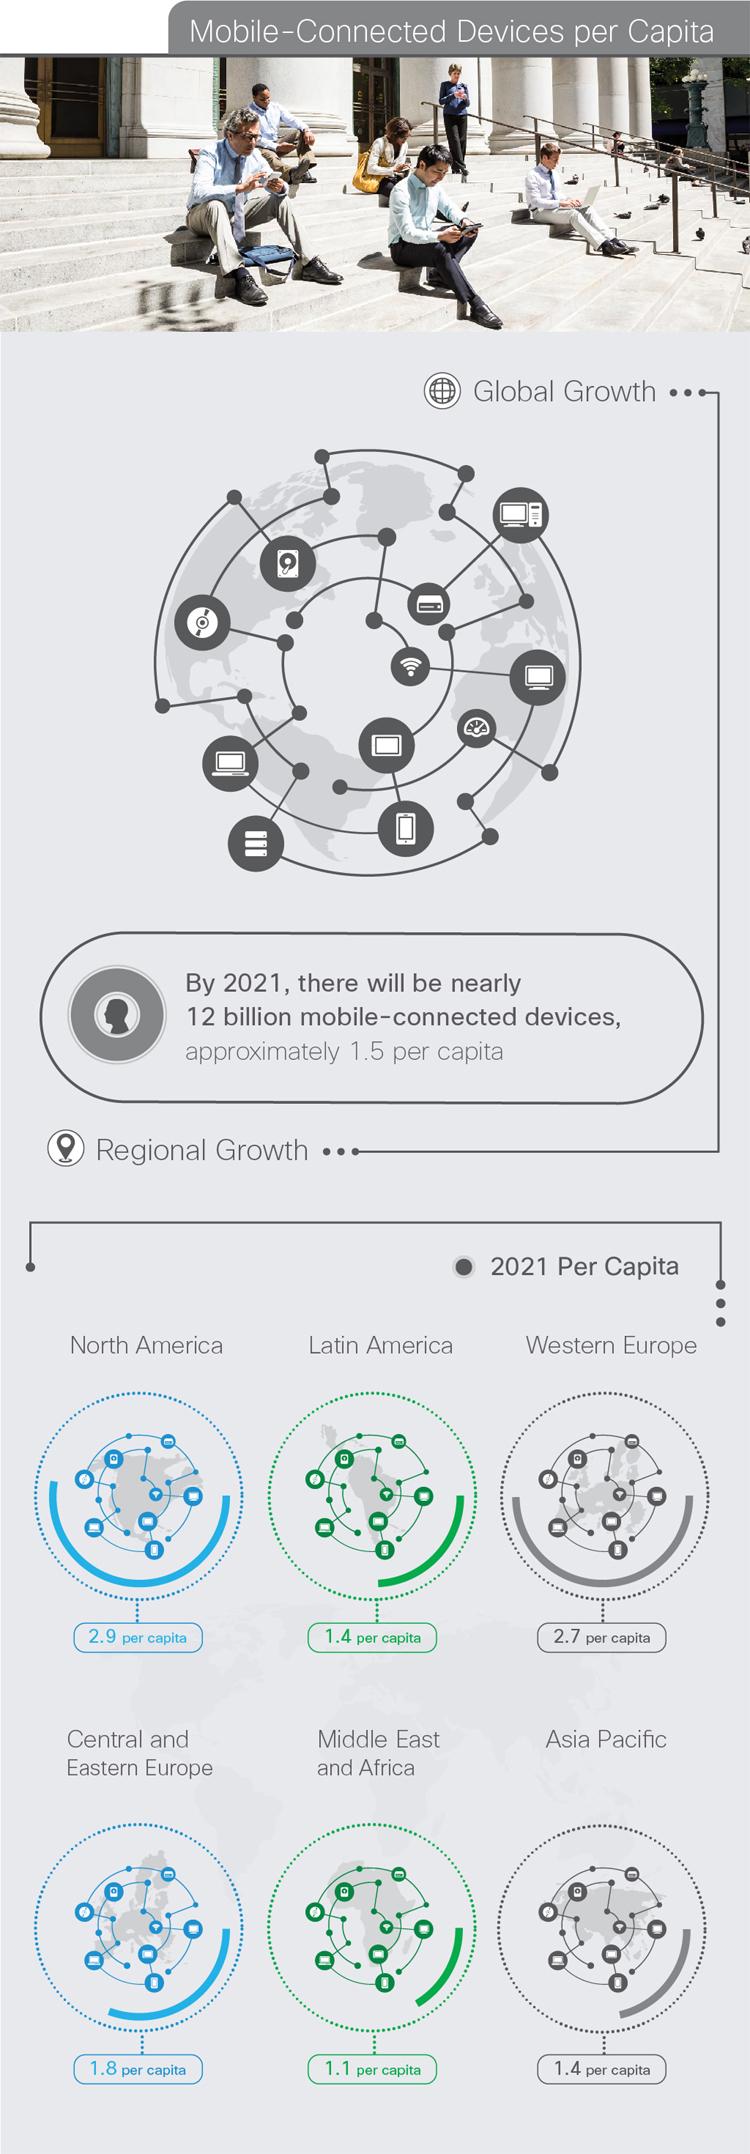 Le trafic des données mobiles sera multiplié par 7 d'ici 2021